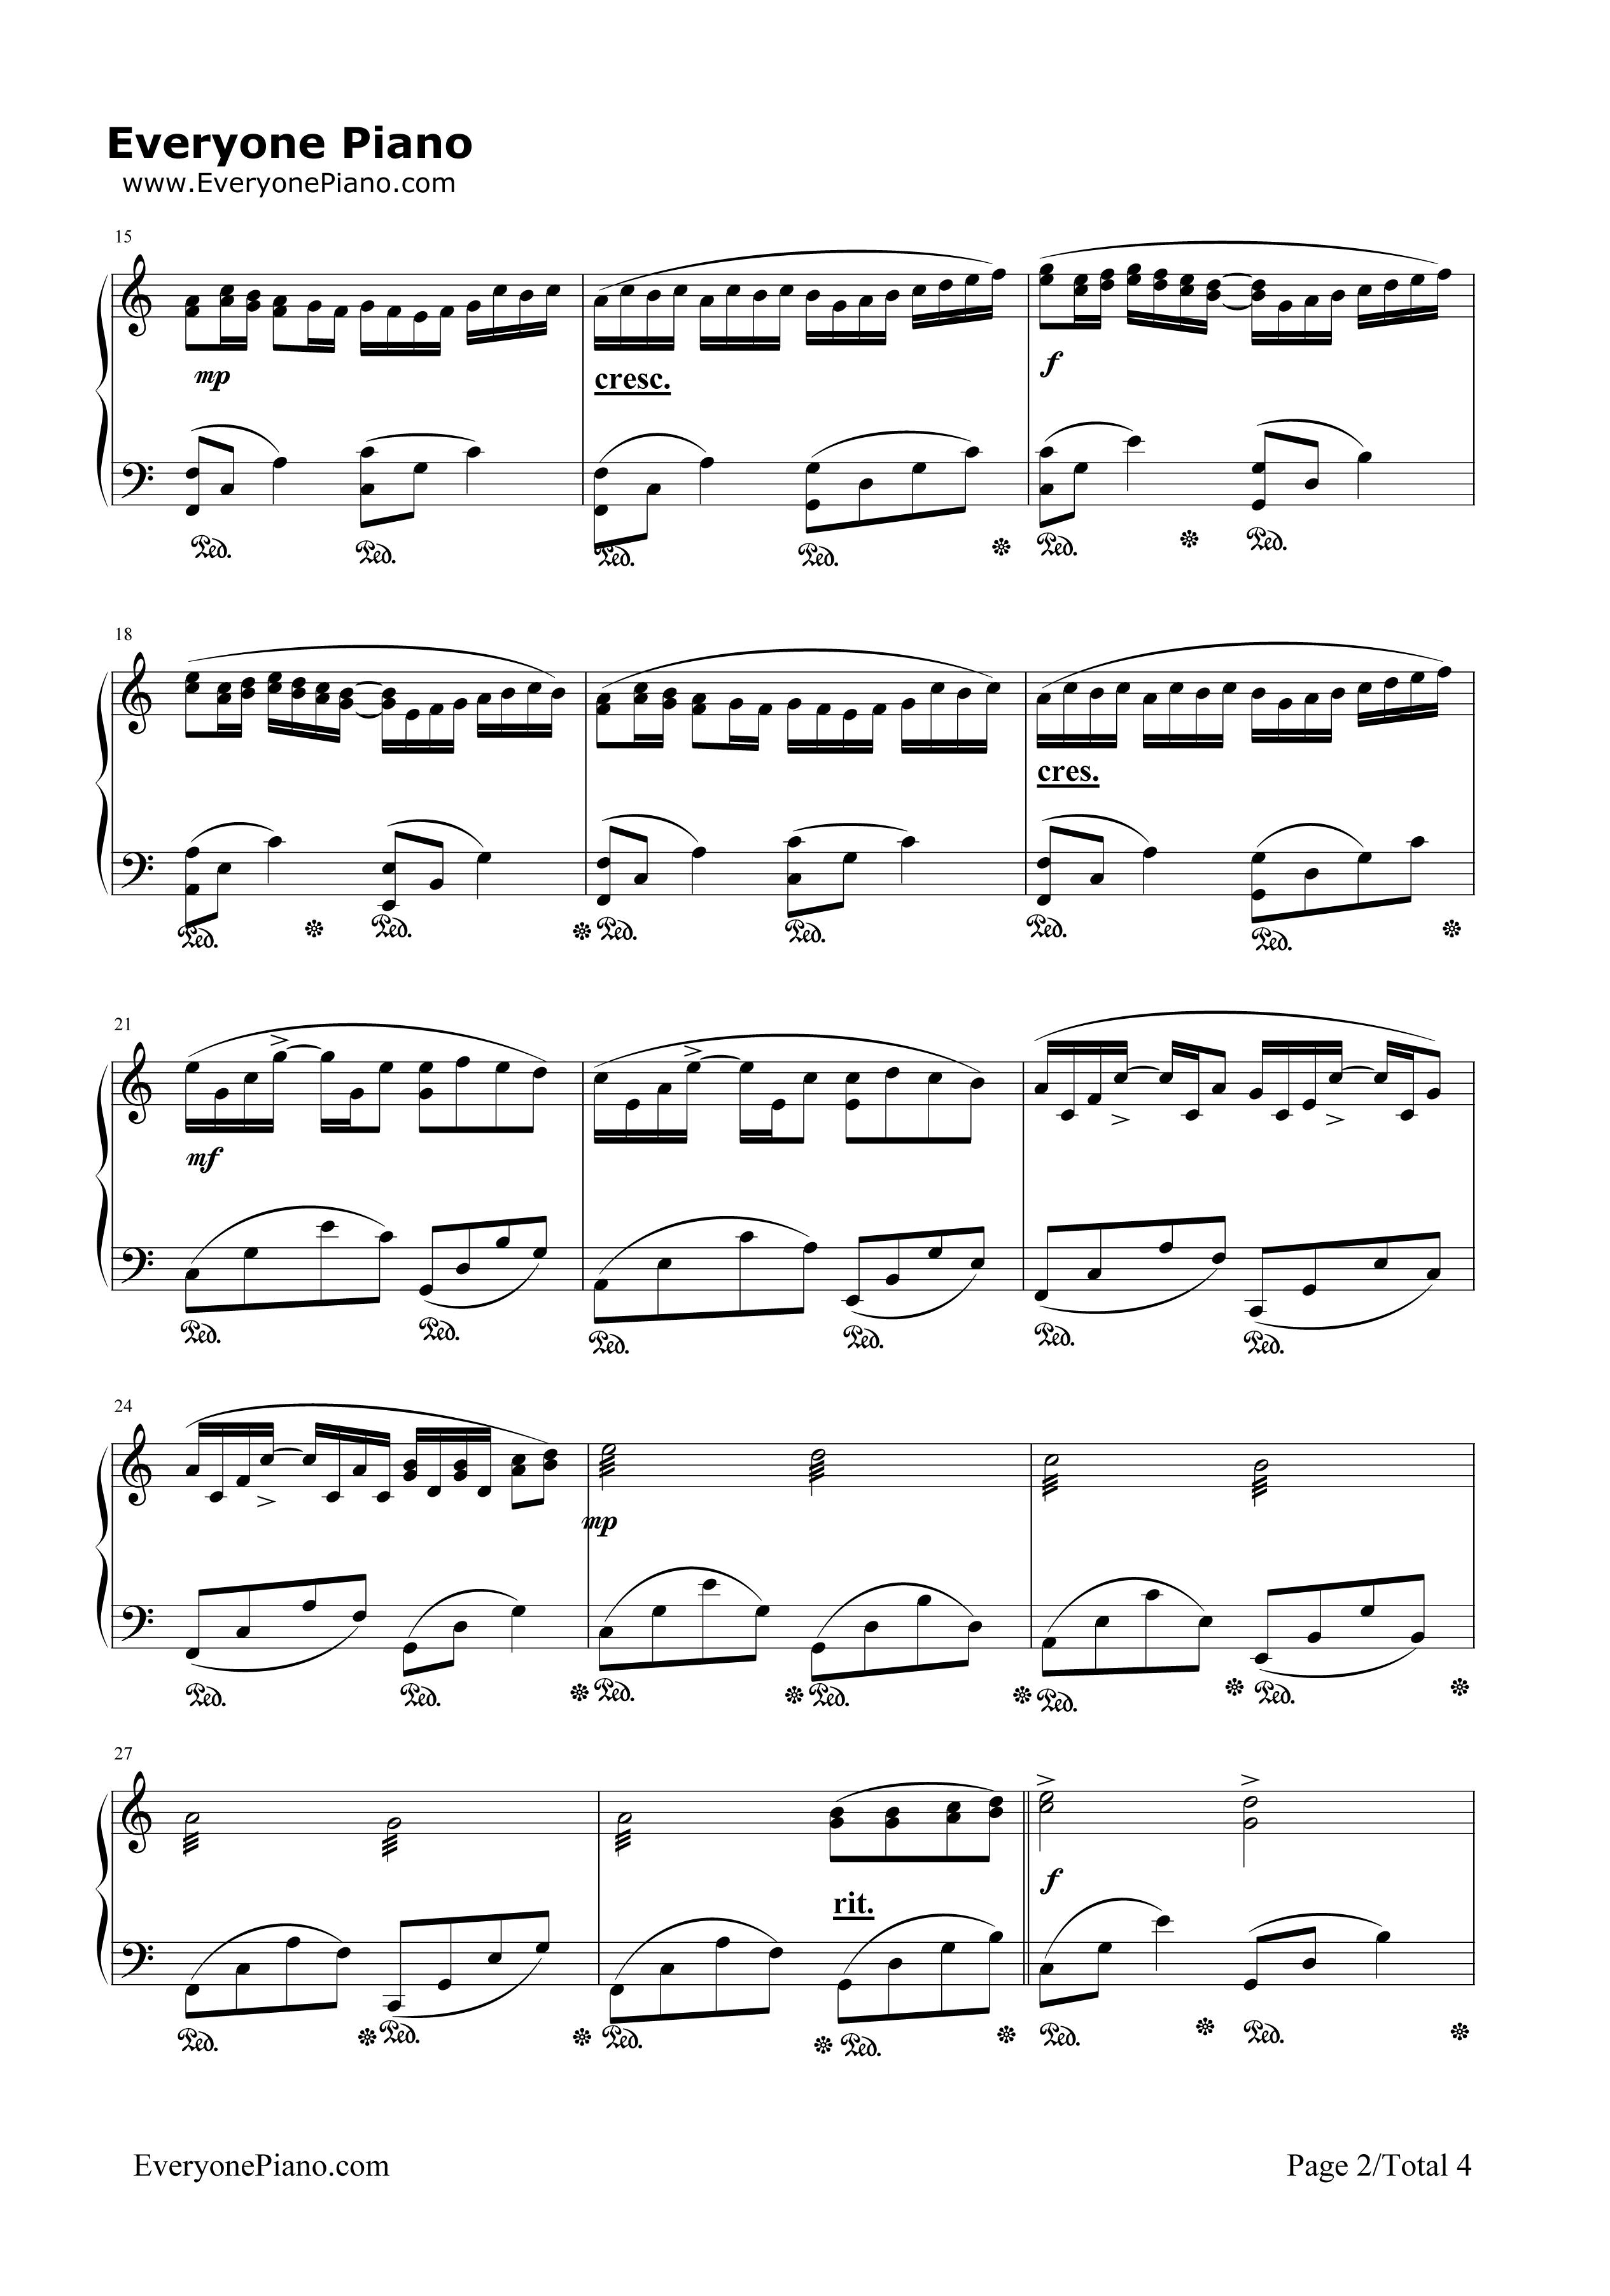 钢琴曲谱 经典 卡农弹奏版-我的野蛮女友插曲 卡农弹奏版-我的野蛮